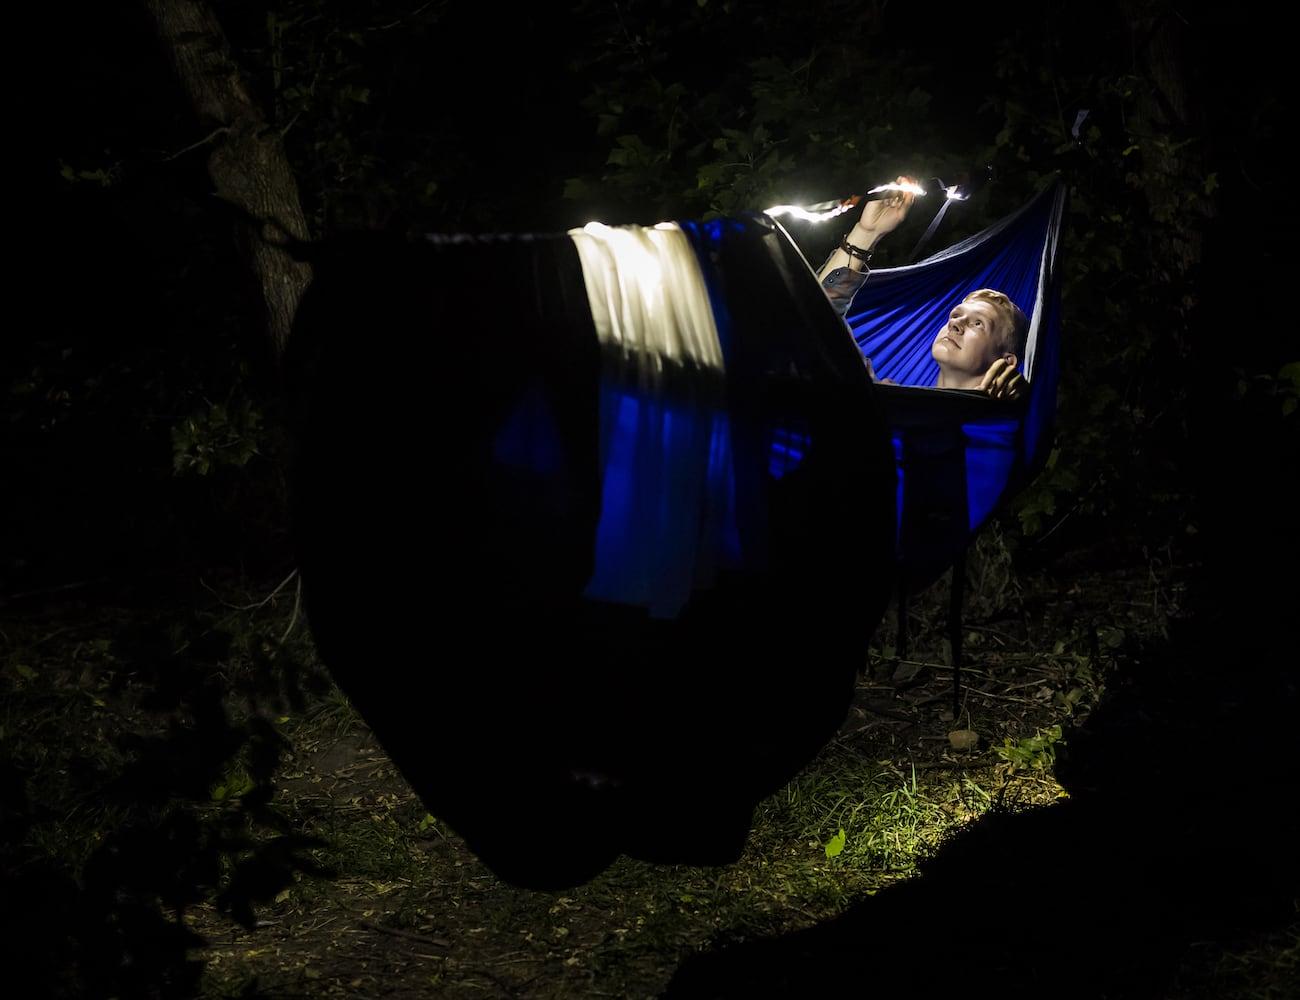 SHEL Ultralight Hammock Shelter